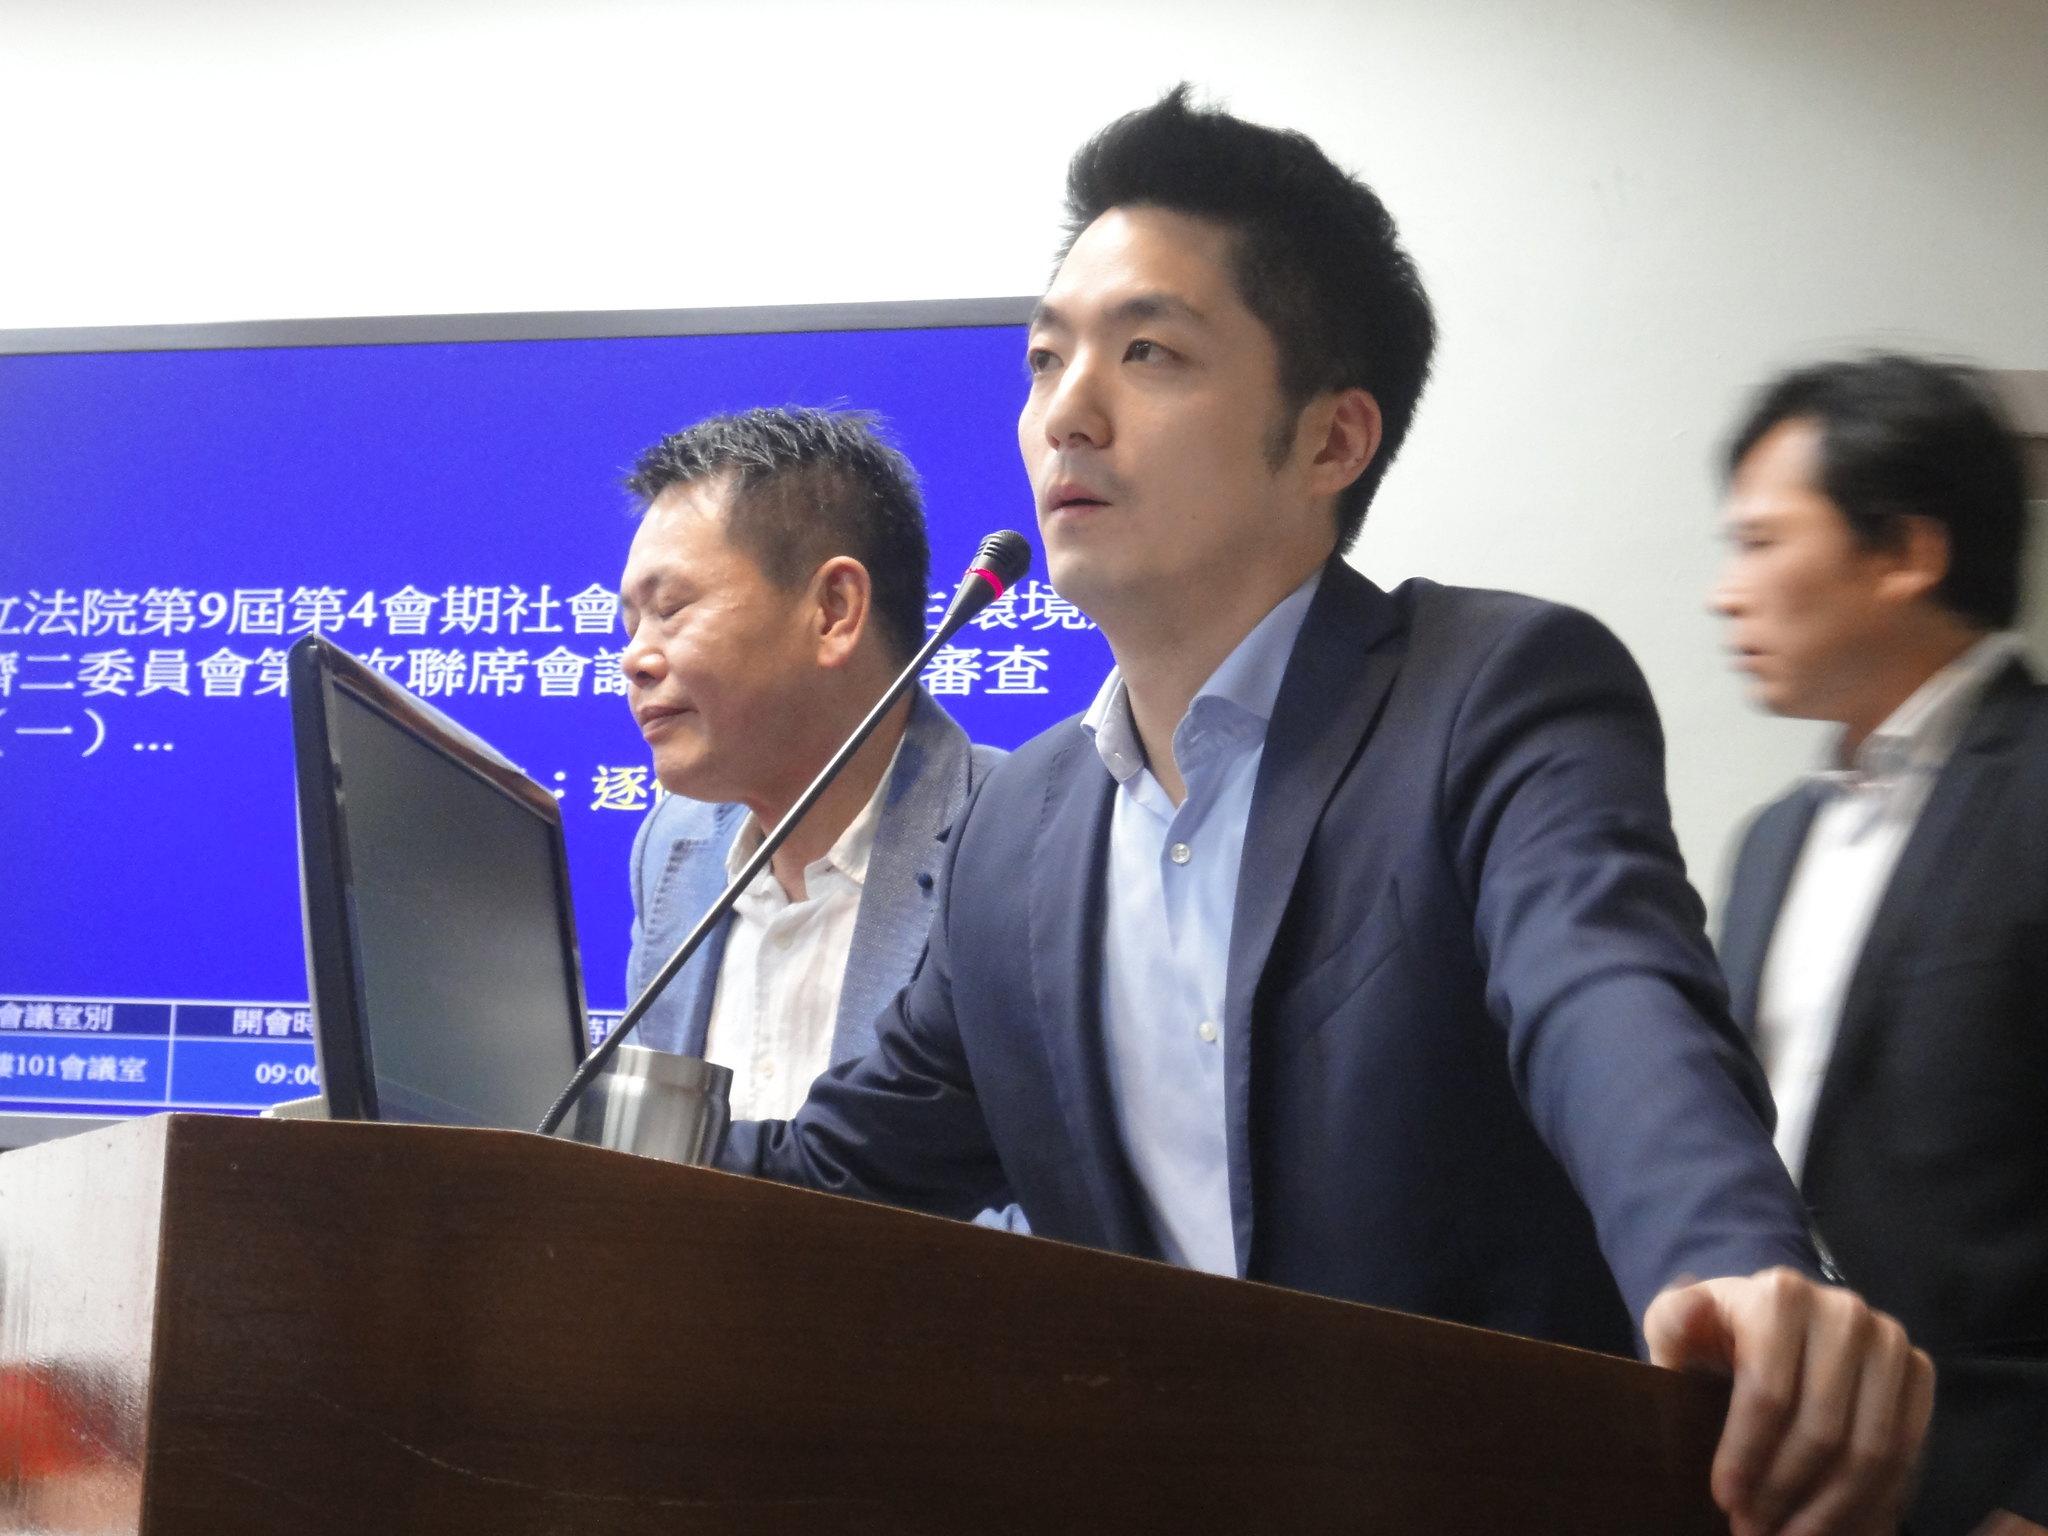 蔣萬安一人在台上發言兩小時,透過冗長發言延遲議事。(攝影:張智琦)